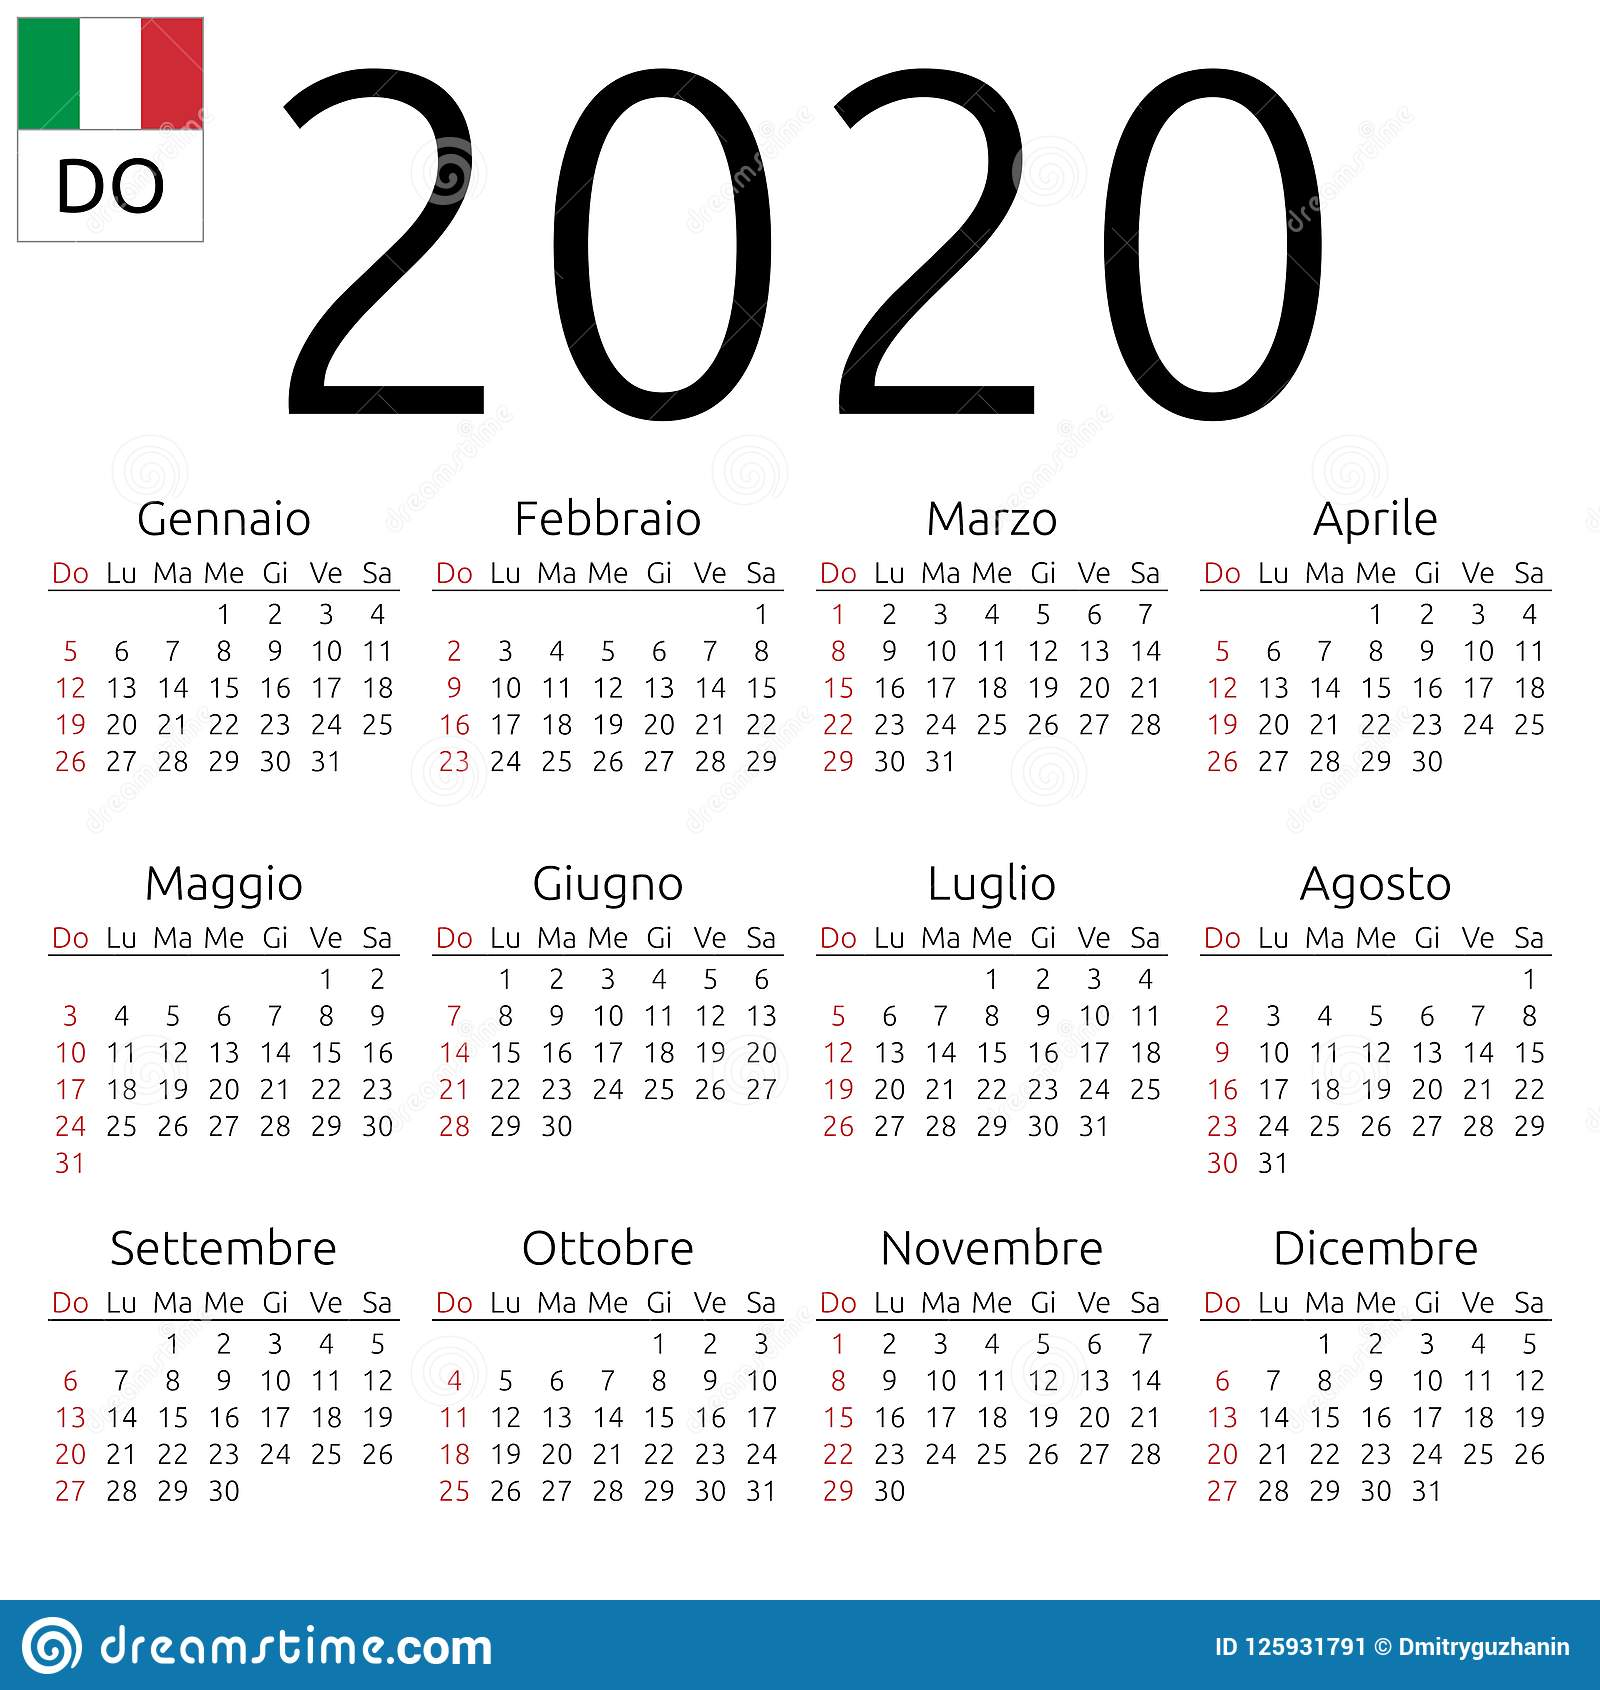 Calendario Delle Festivita 2020.Calendario 2020 Italiano Domenica Illustrazione Vettoriale